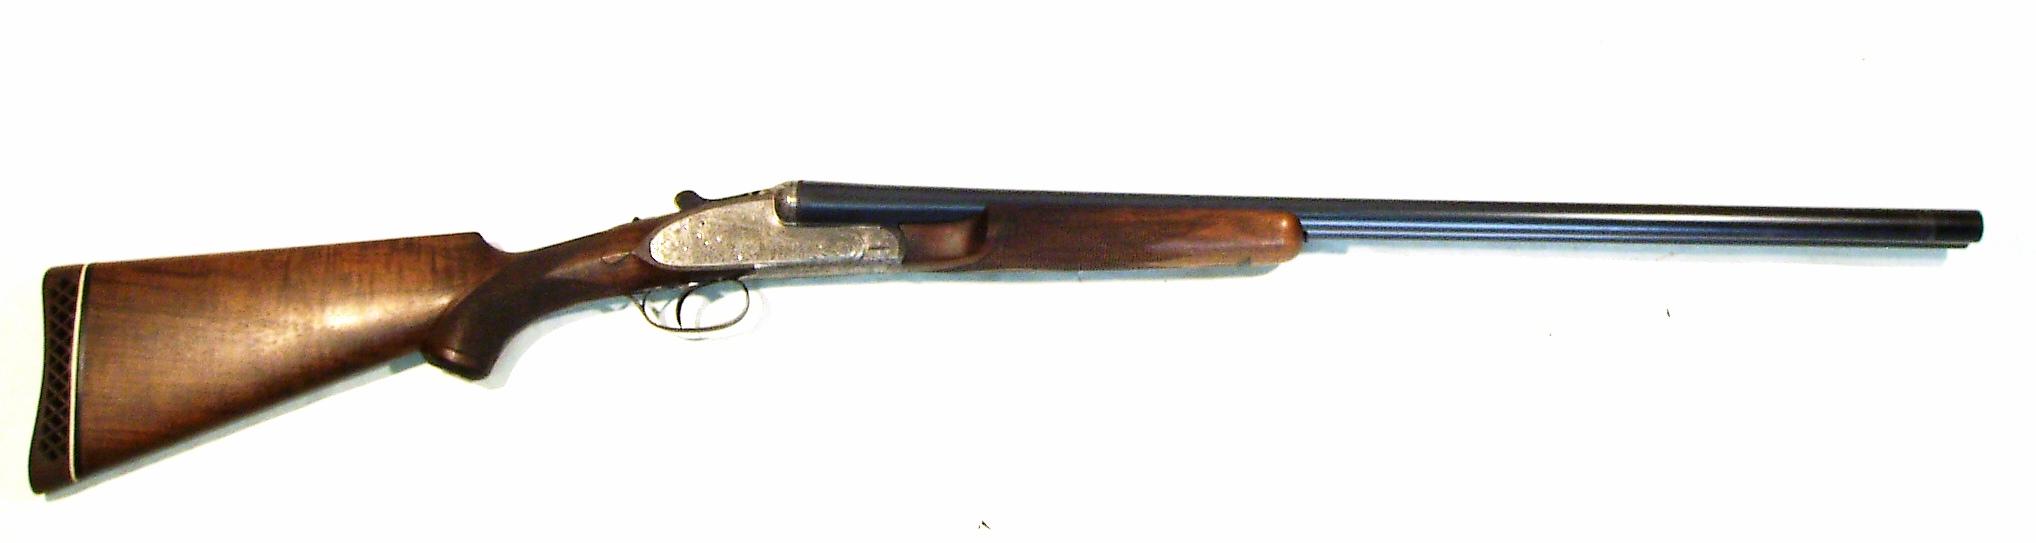 Escopeta UNION ARMERA, modelo 215, calibre 12, nº 24226.-0